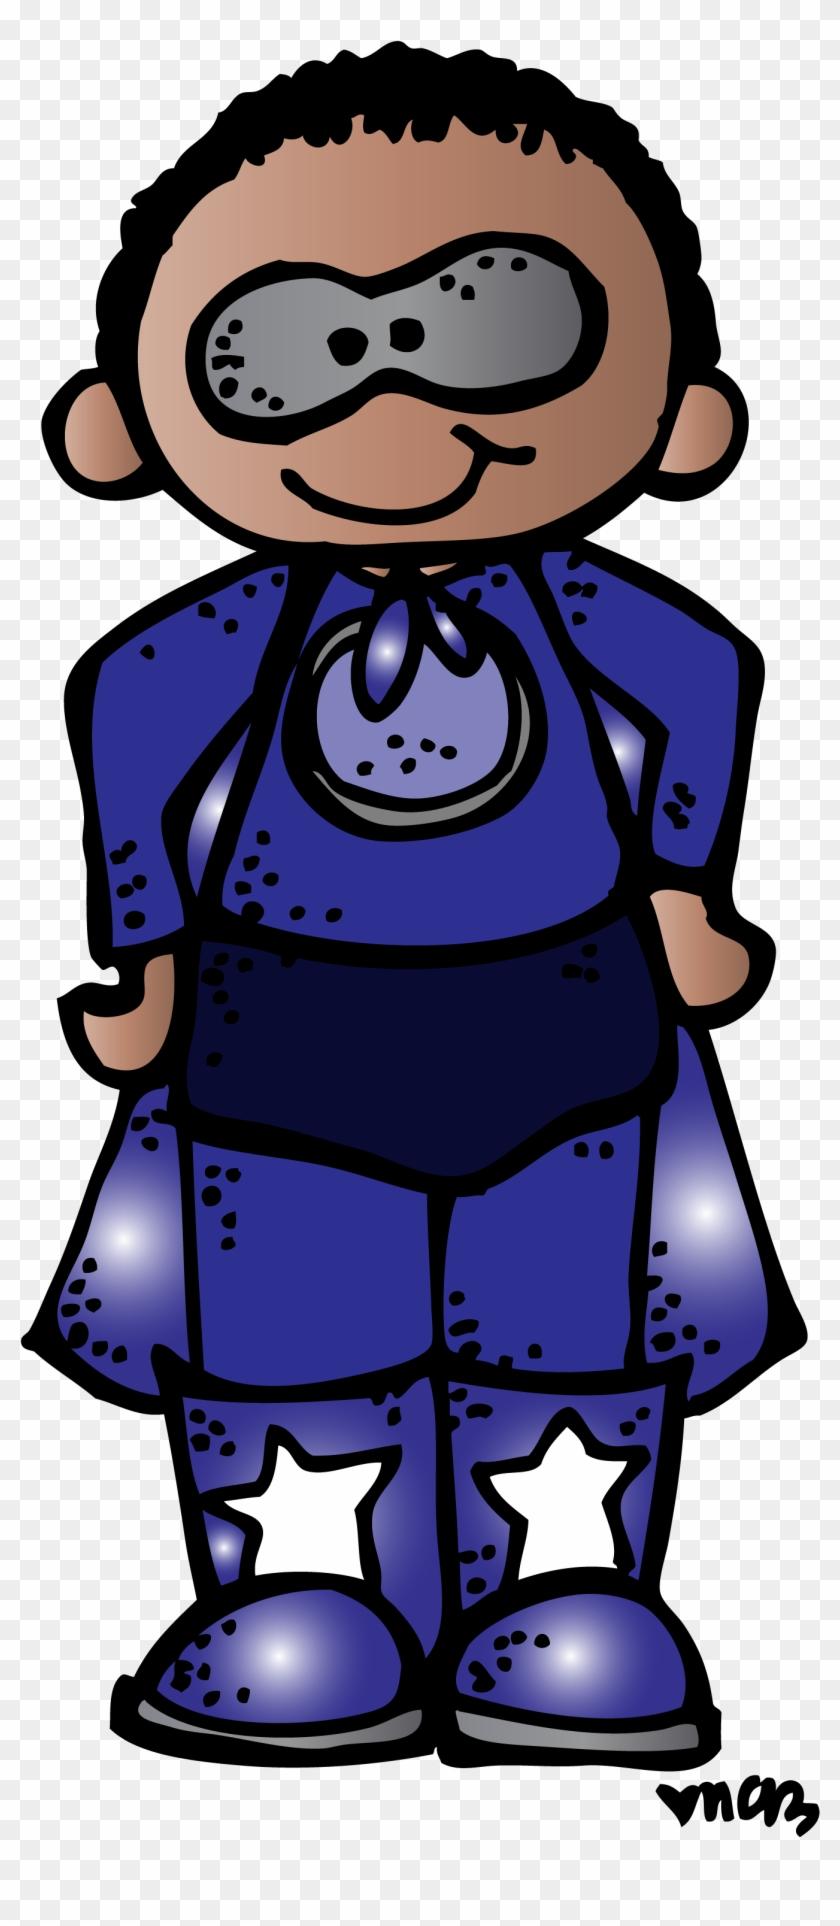 Batman Superhero Clip Art - Batman Superhero Clip Art #65333